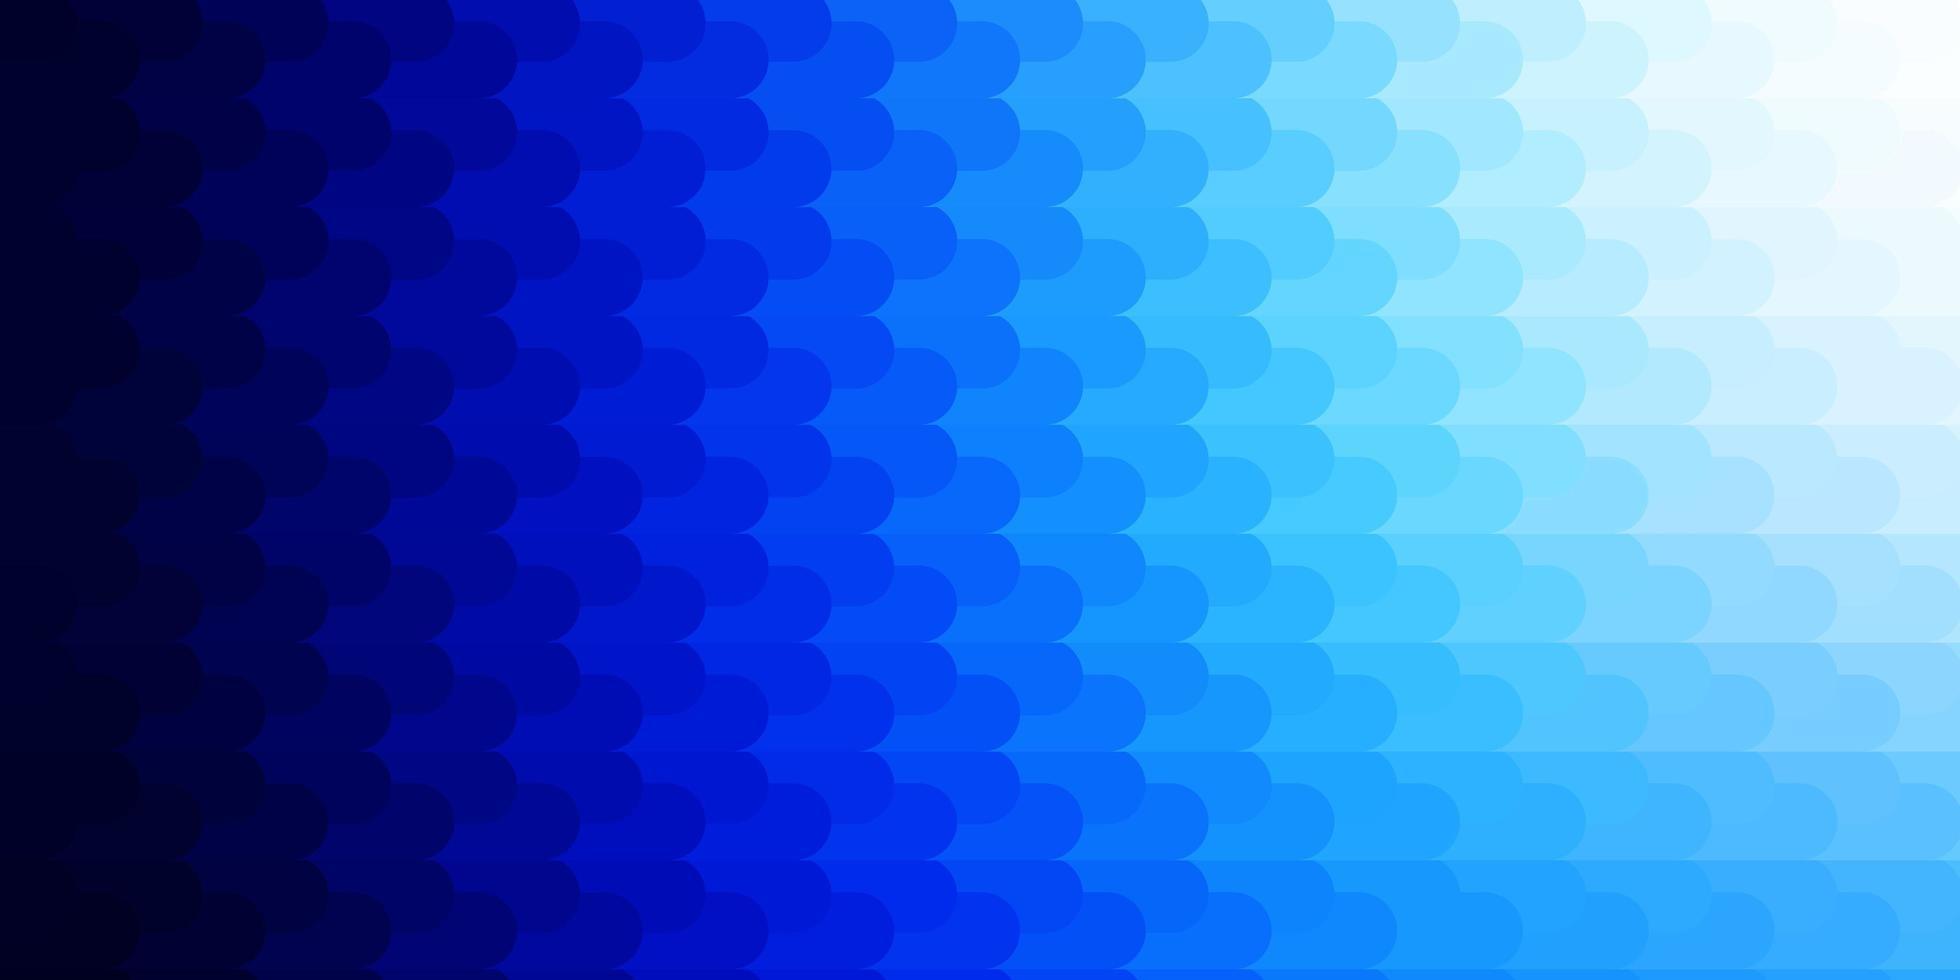 patrón de vector azul claro con líneas.